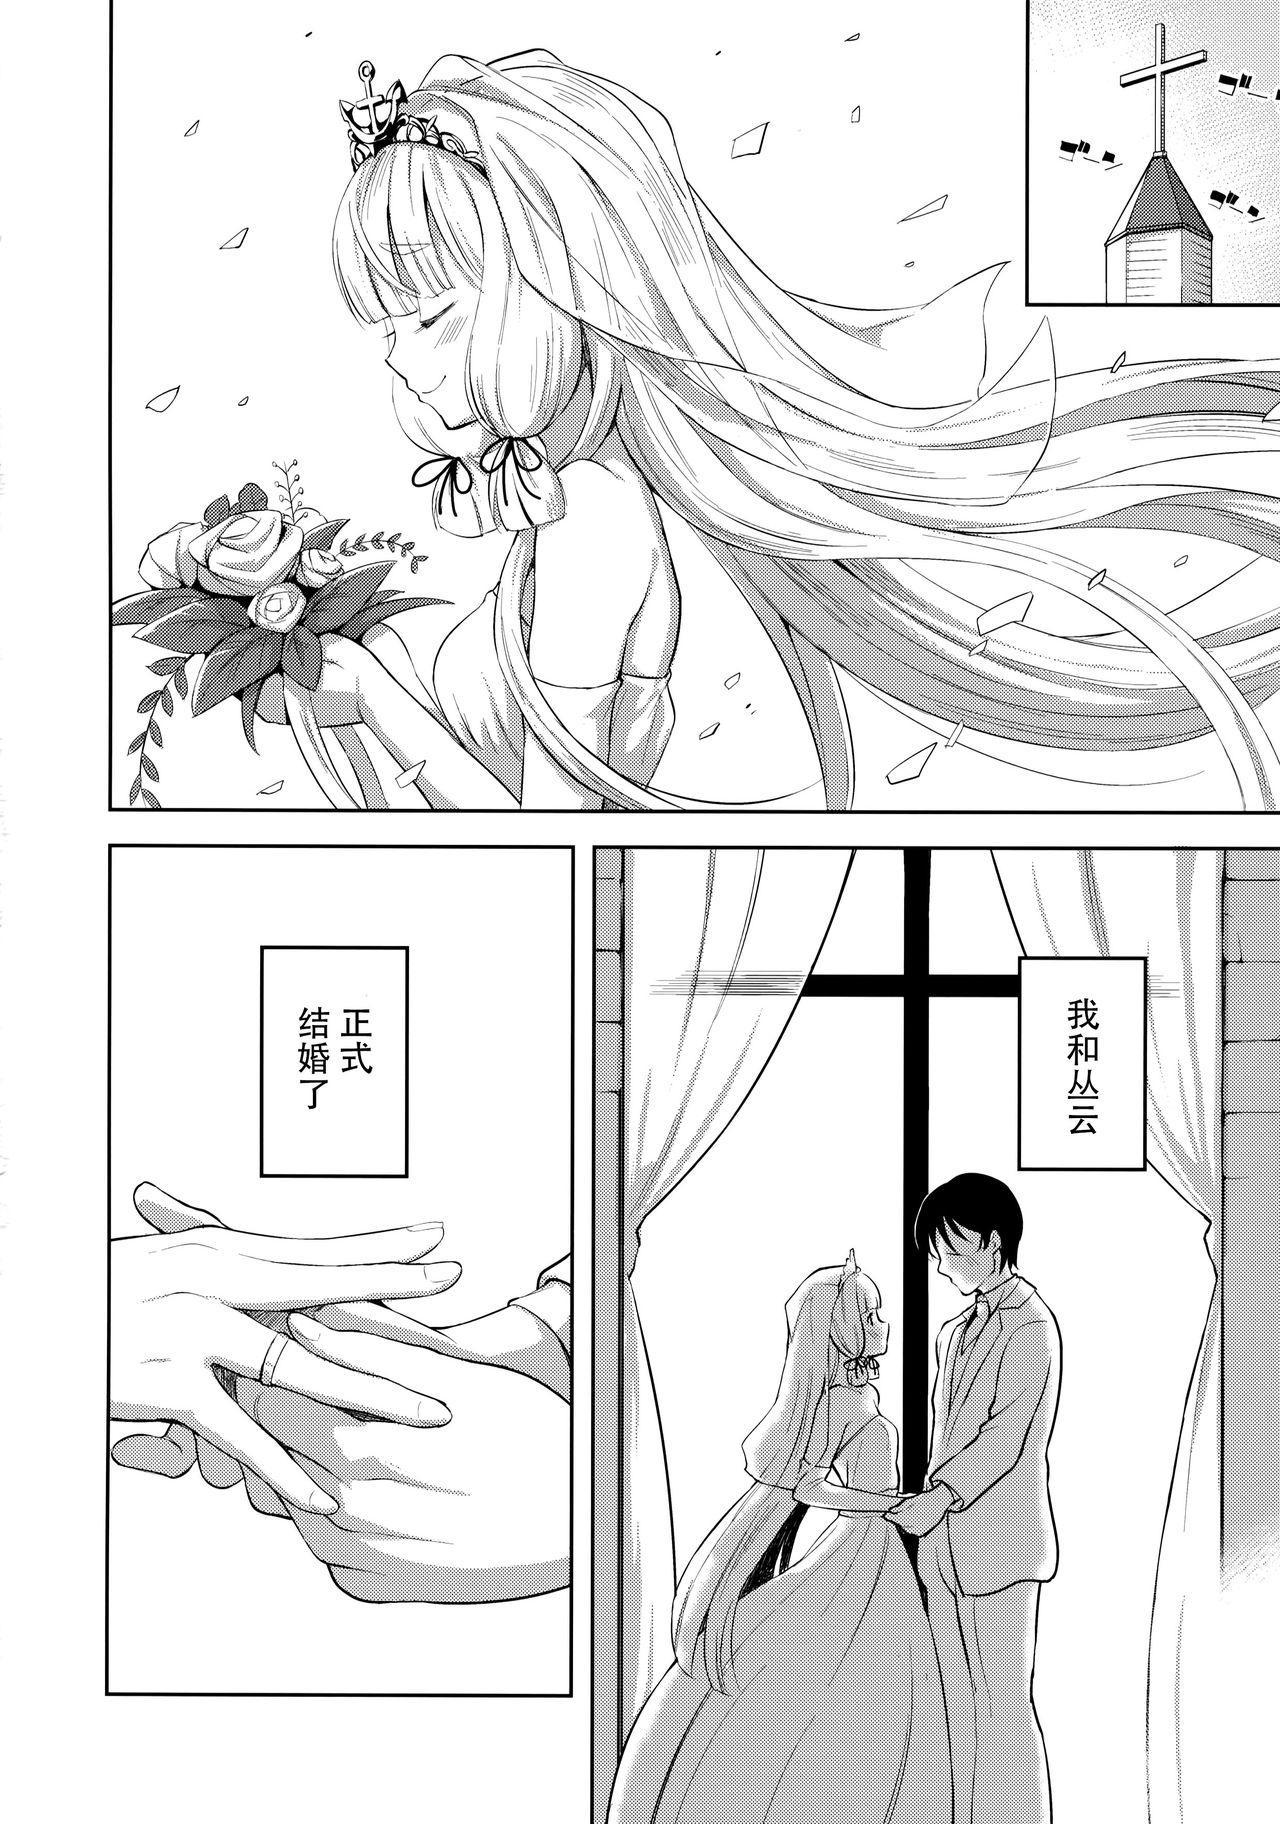 Murakumo to Kozukuri SEX 3